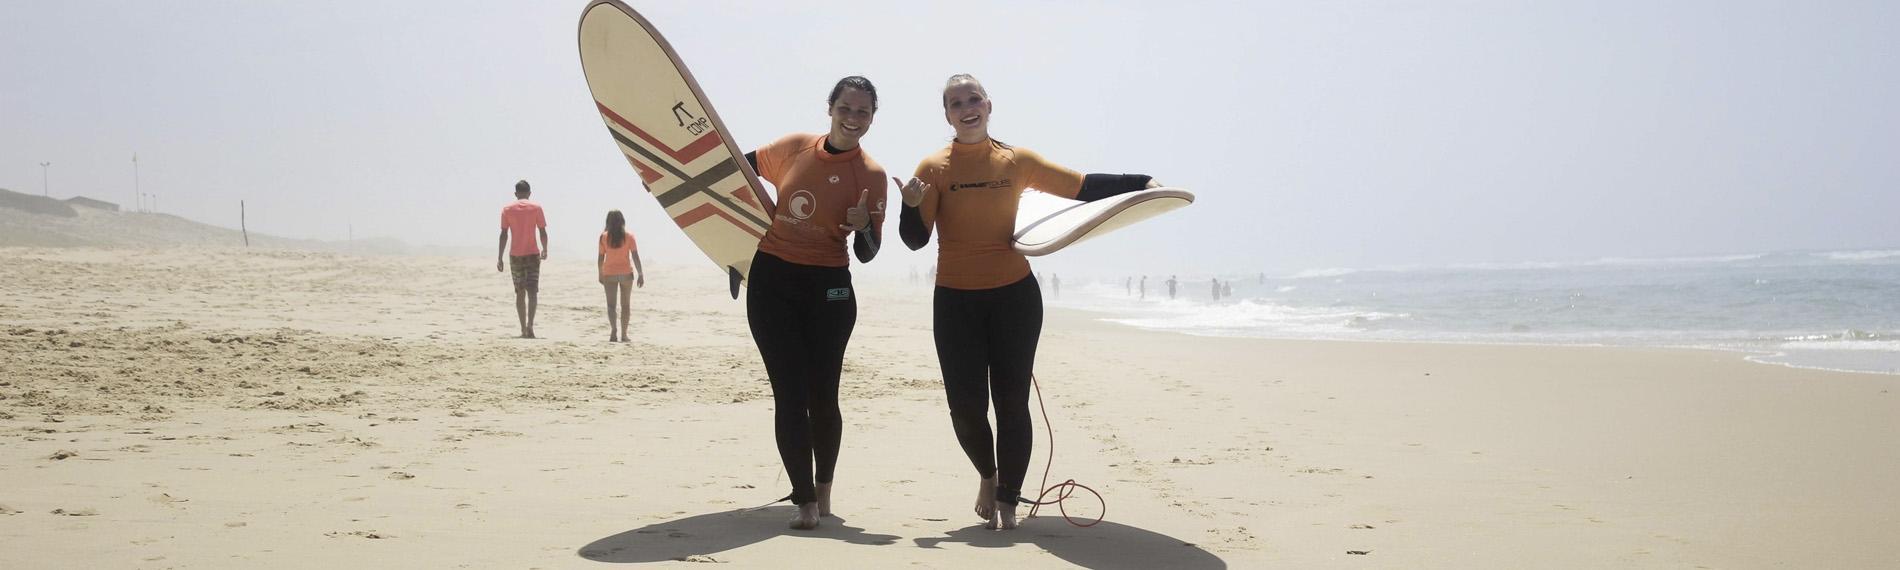 Surferinnen auf dem Weg zur Welle